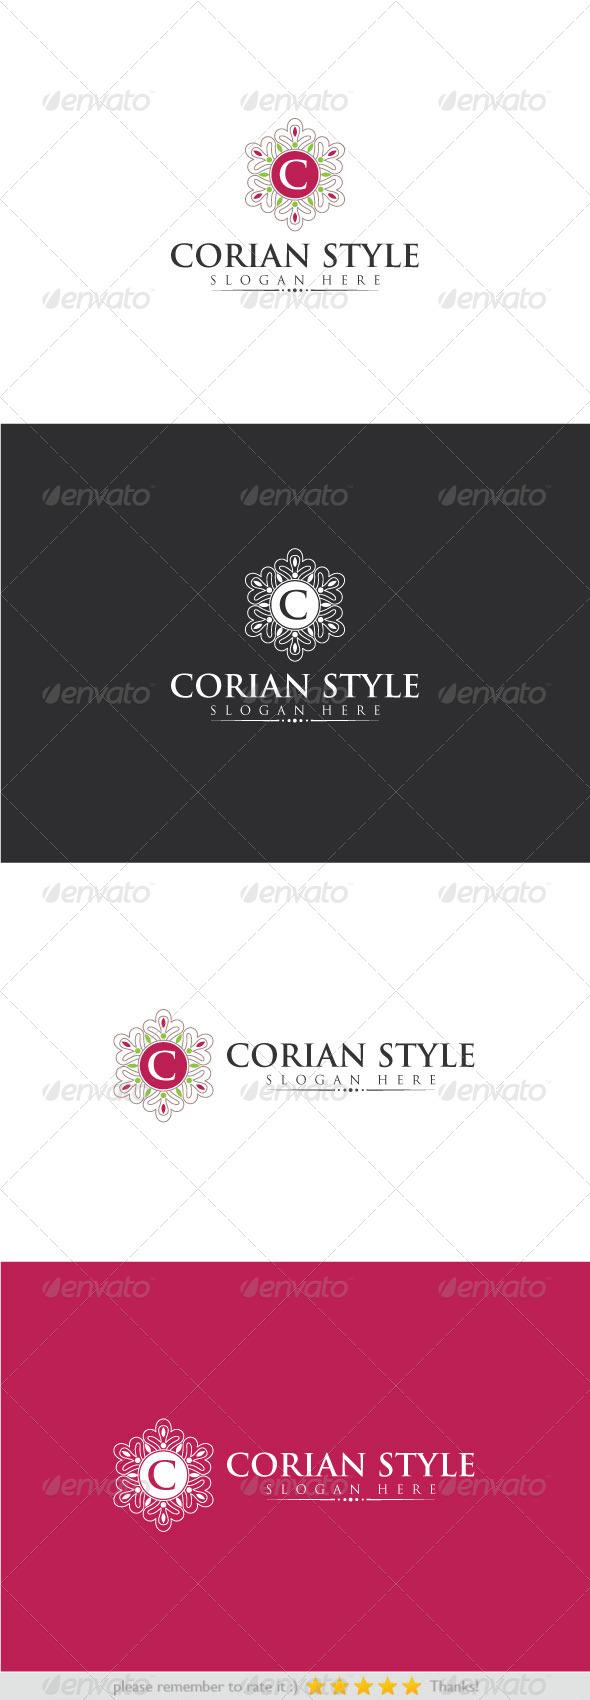 GraphicRiver Corian Style 8209781